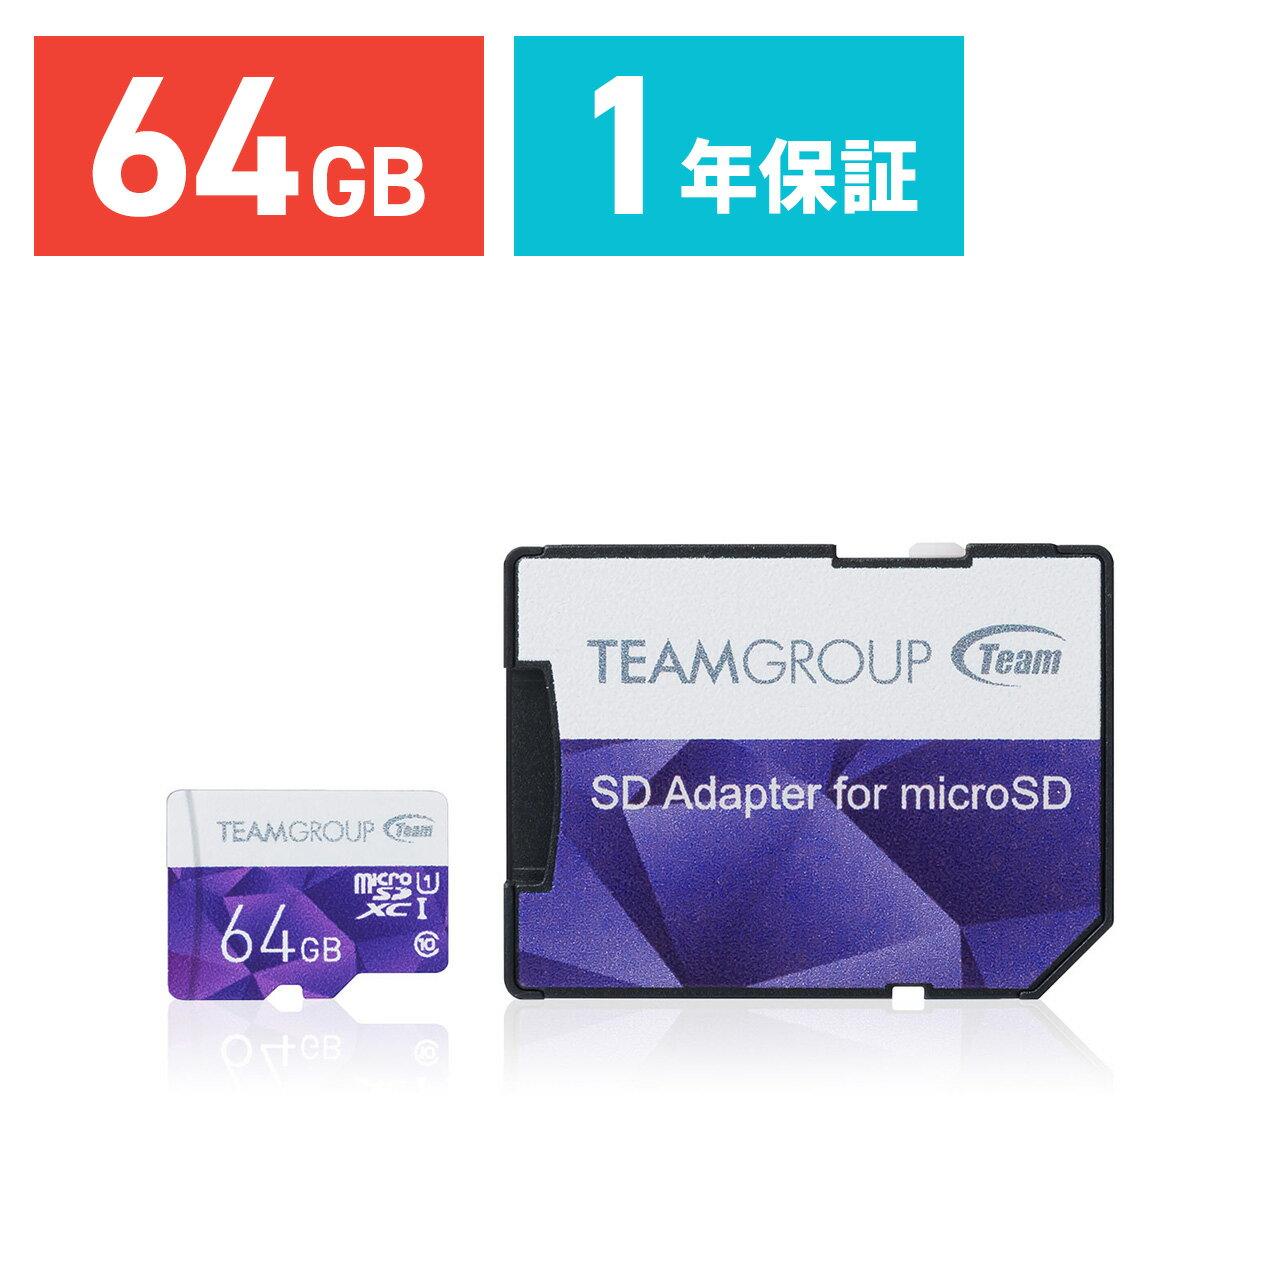 【5月11日値下げしました】【ネコポス専用】 microSDカード 64GB Class10 UHS-I対応 高速データ転送 SDカード変換アダプタ付き 最大転送速度80MB/s マイクロSD microSDXC クラス10 スマホ SD 入学 卒業[600-MCSD64G]【サンワダイレクト限定品】【今だけ送料無料!】